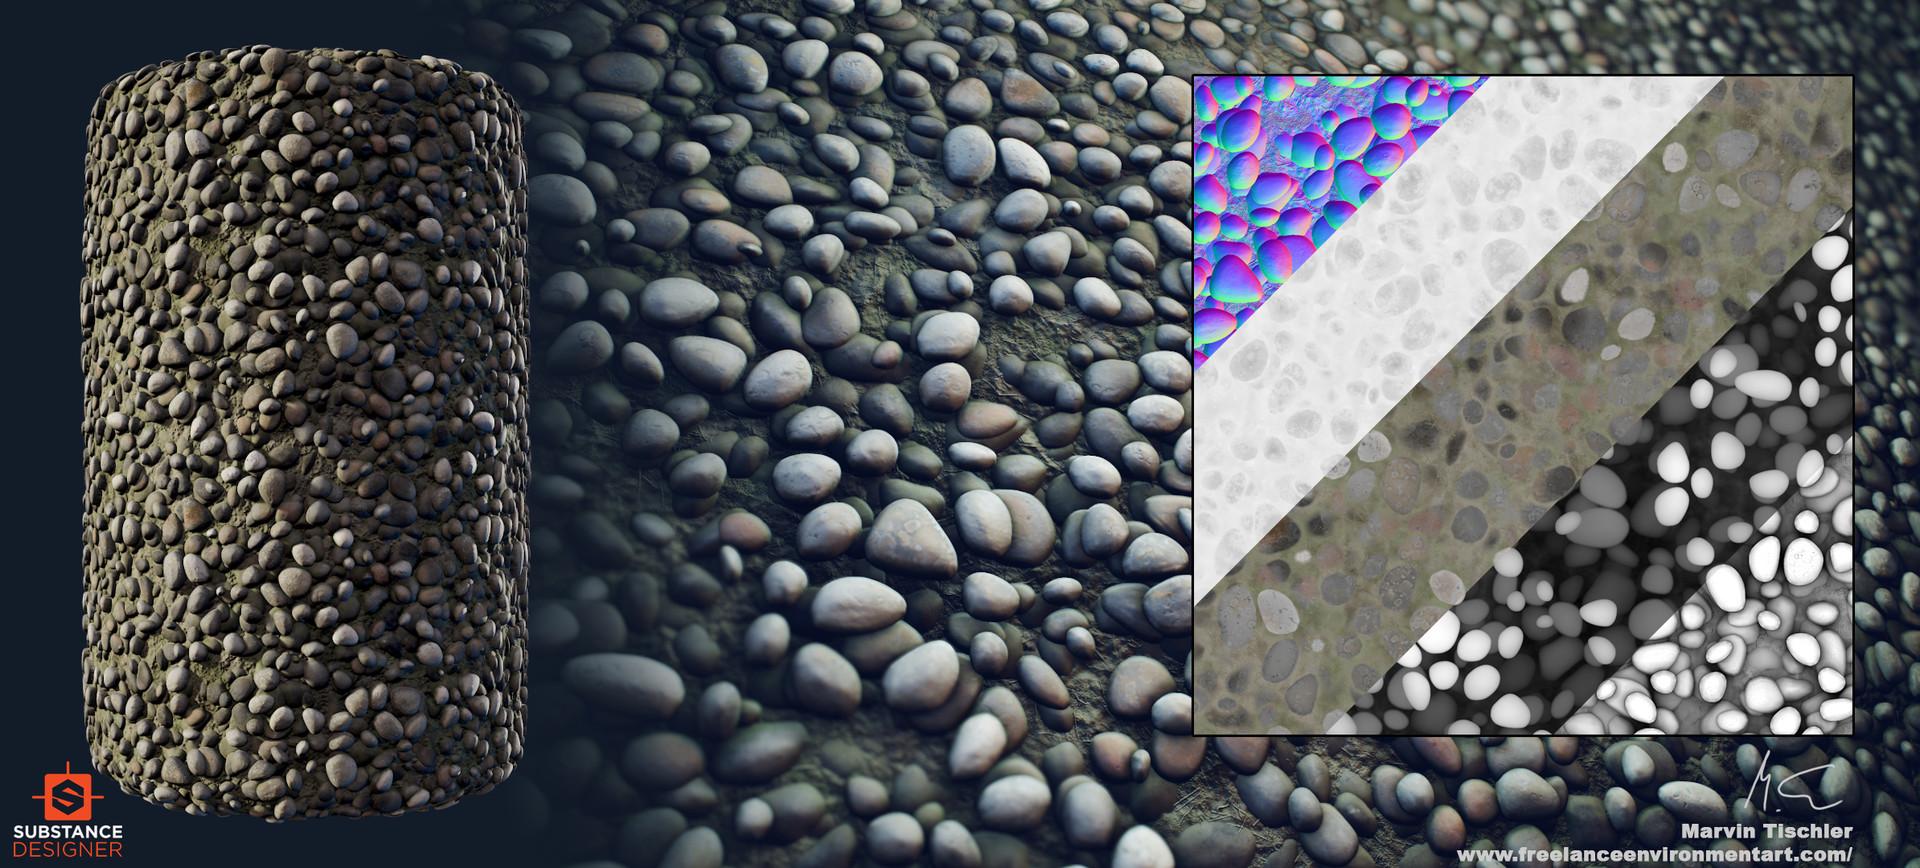 Marvin tischler procedual textures 002 d